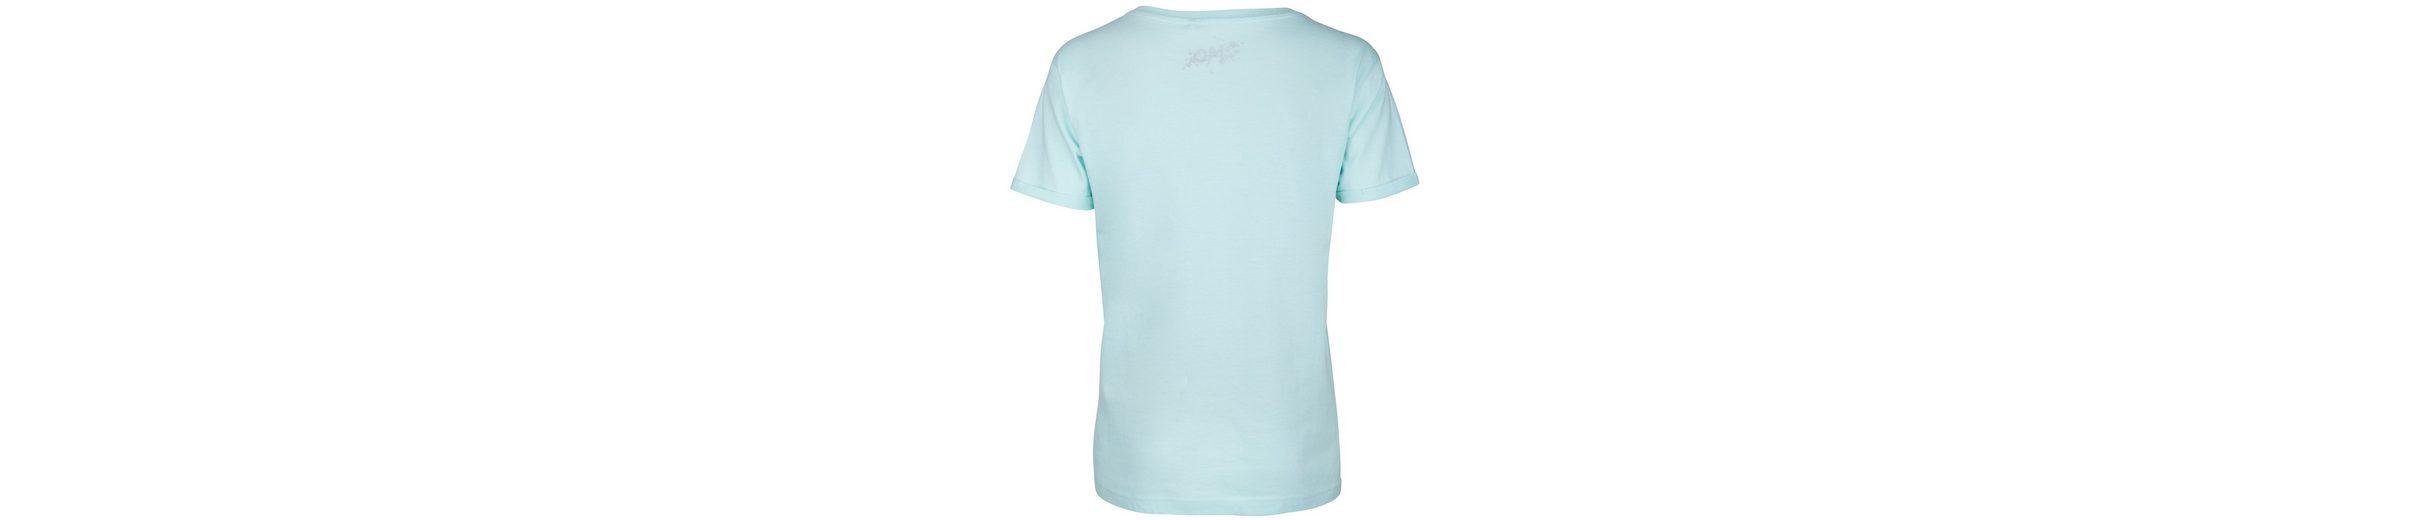 myMO T-Shirt Shop-Angebot Günstiger Preis Spielraum Versorgung 9MR0q